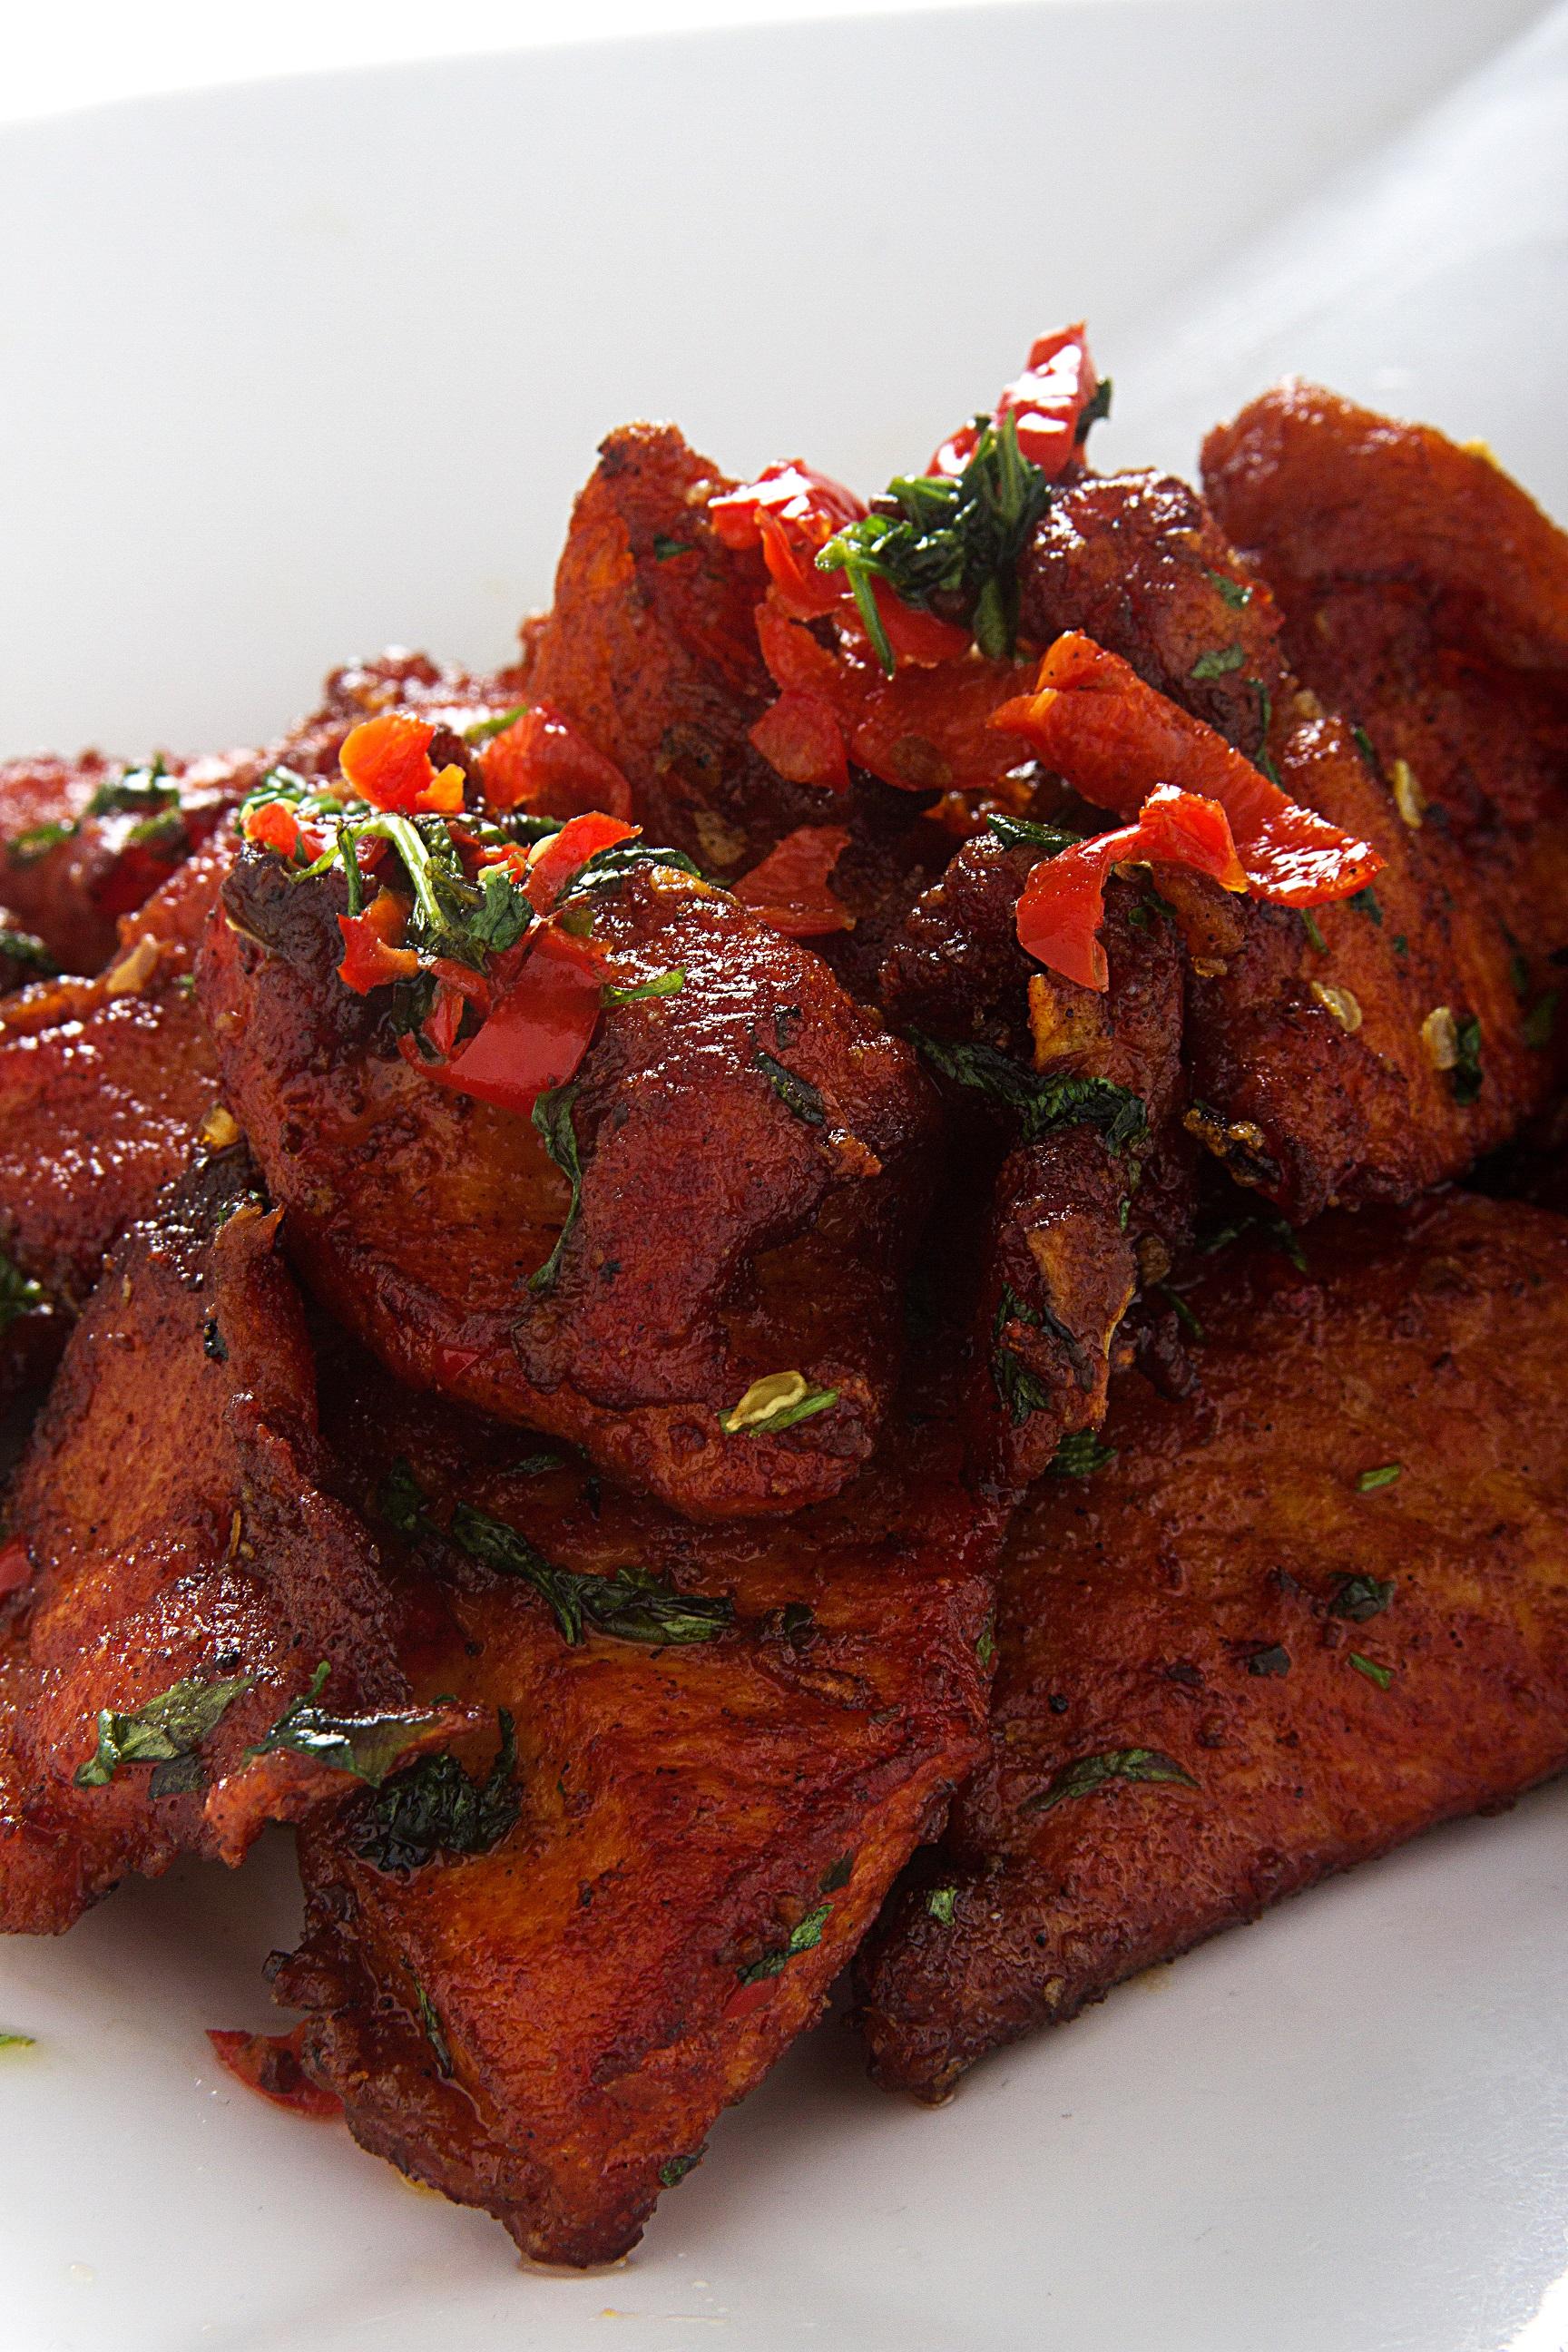 Chancho frito sazonado con especias picantes.